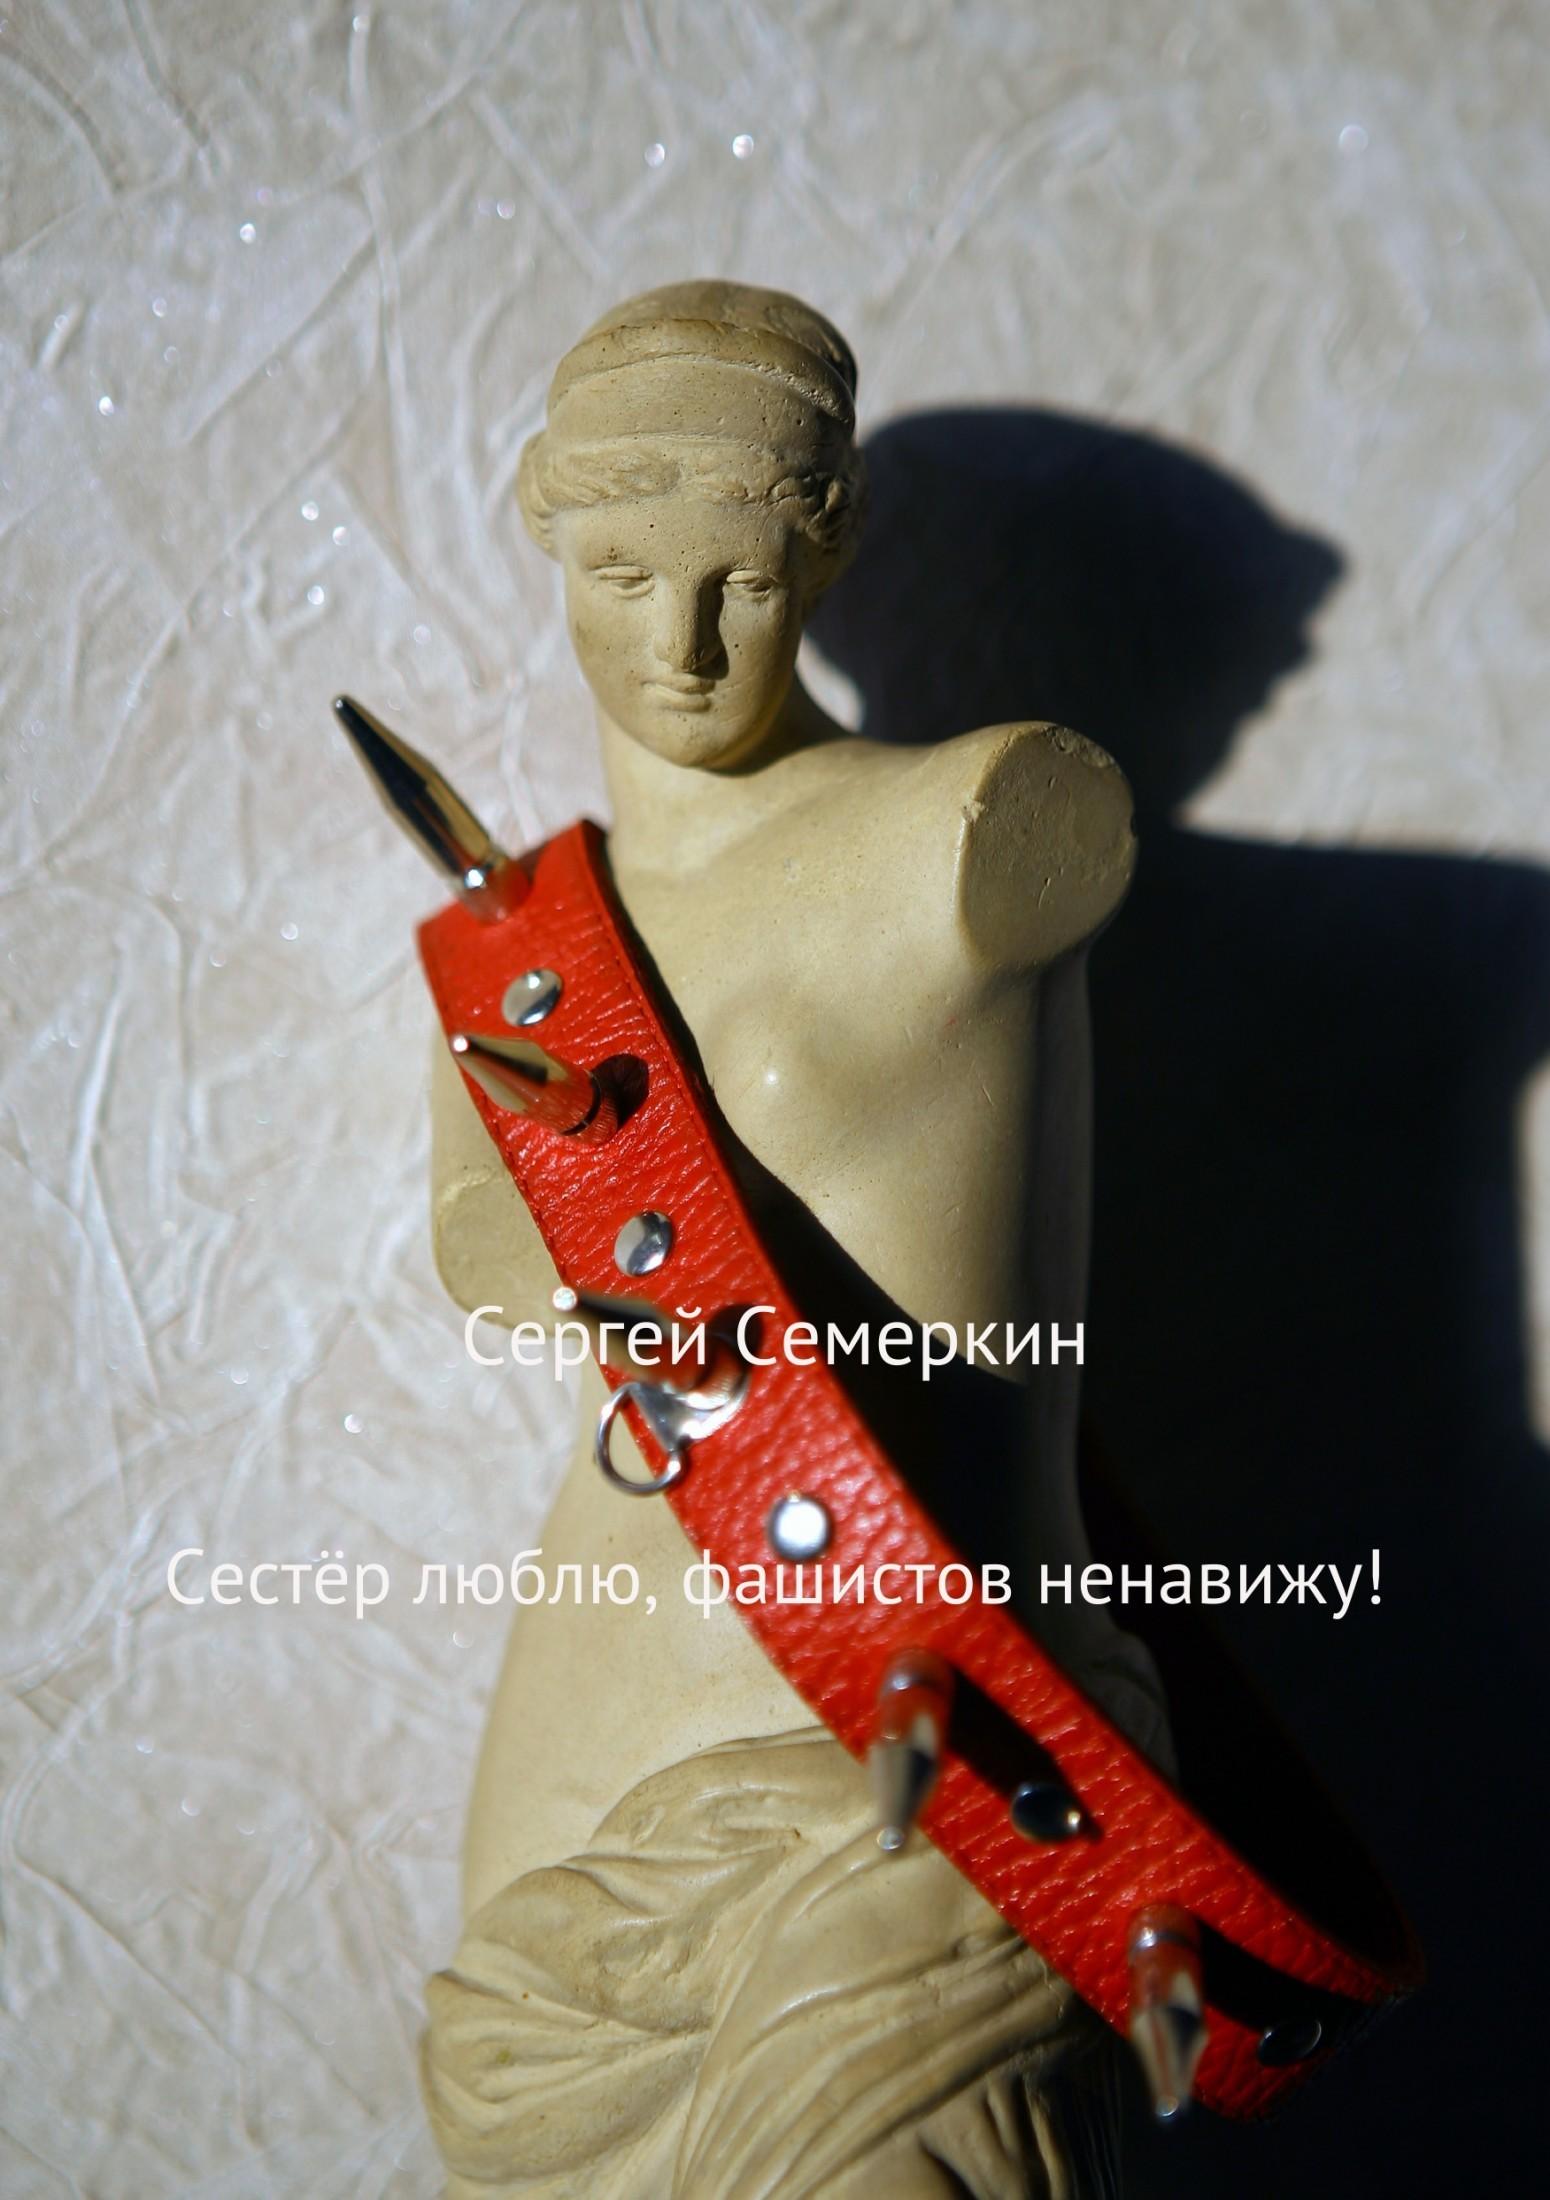 Сергей Владимирович Семеркин. Сестёр люблю, фашистов ненавижу!